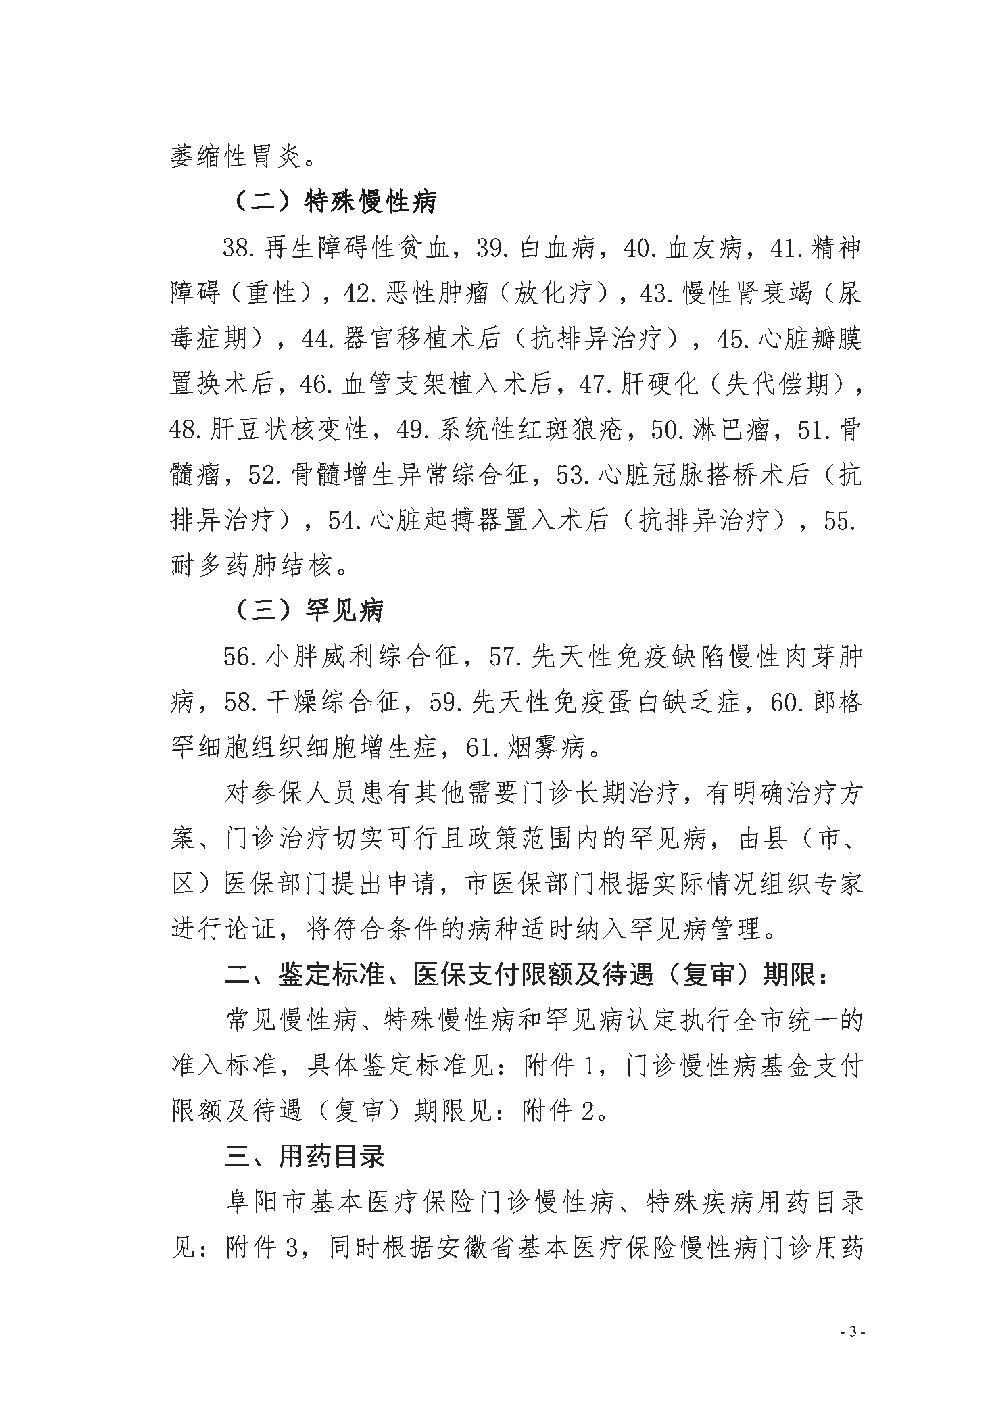 阜阳市城乡居民慢性病管理办法(1)_3.JPG